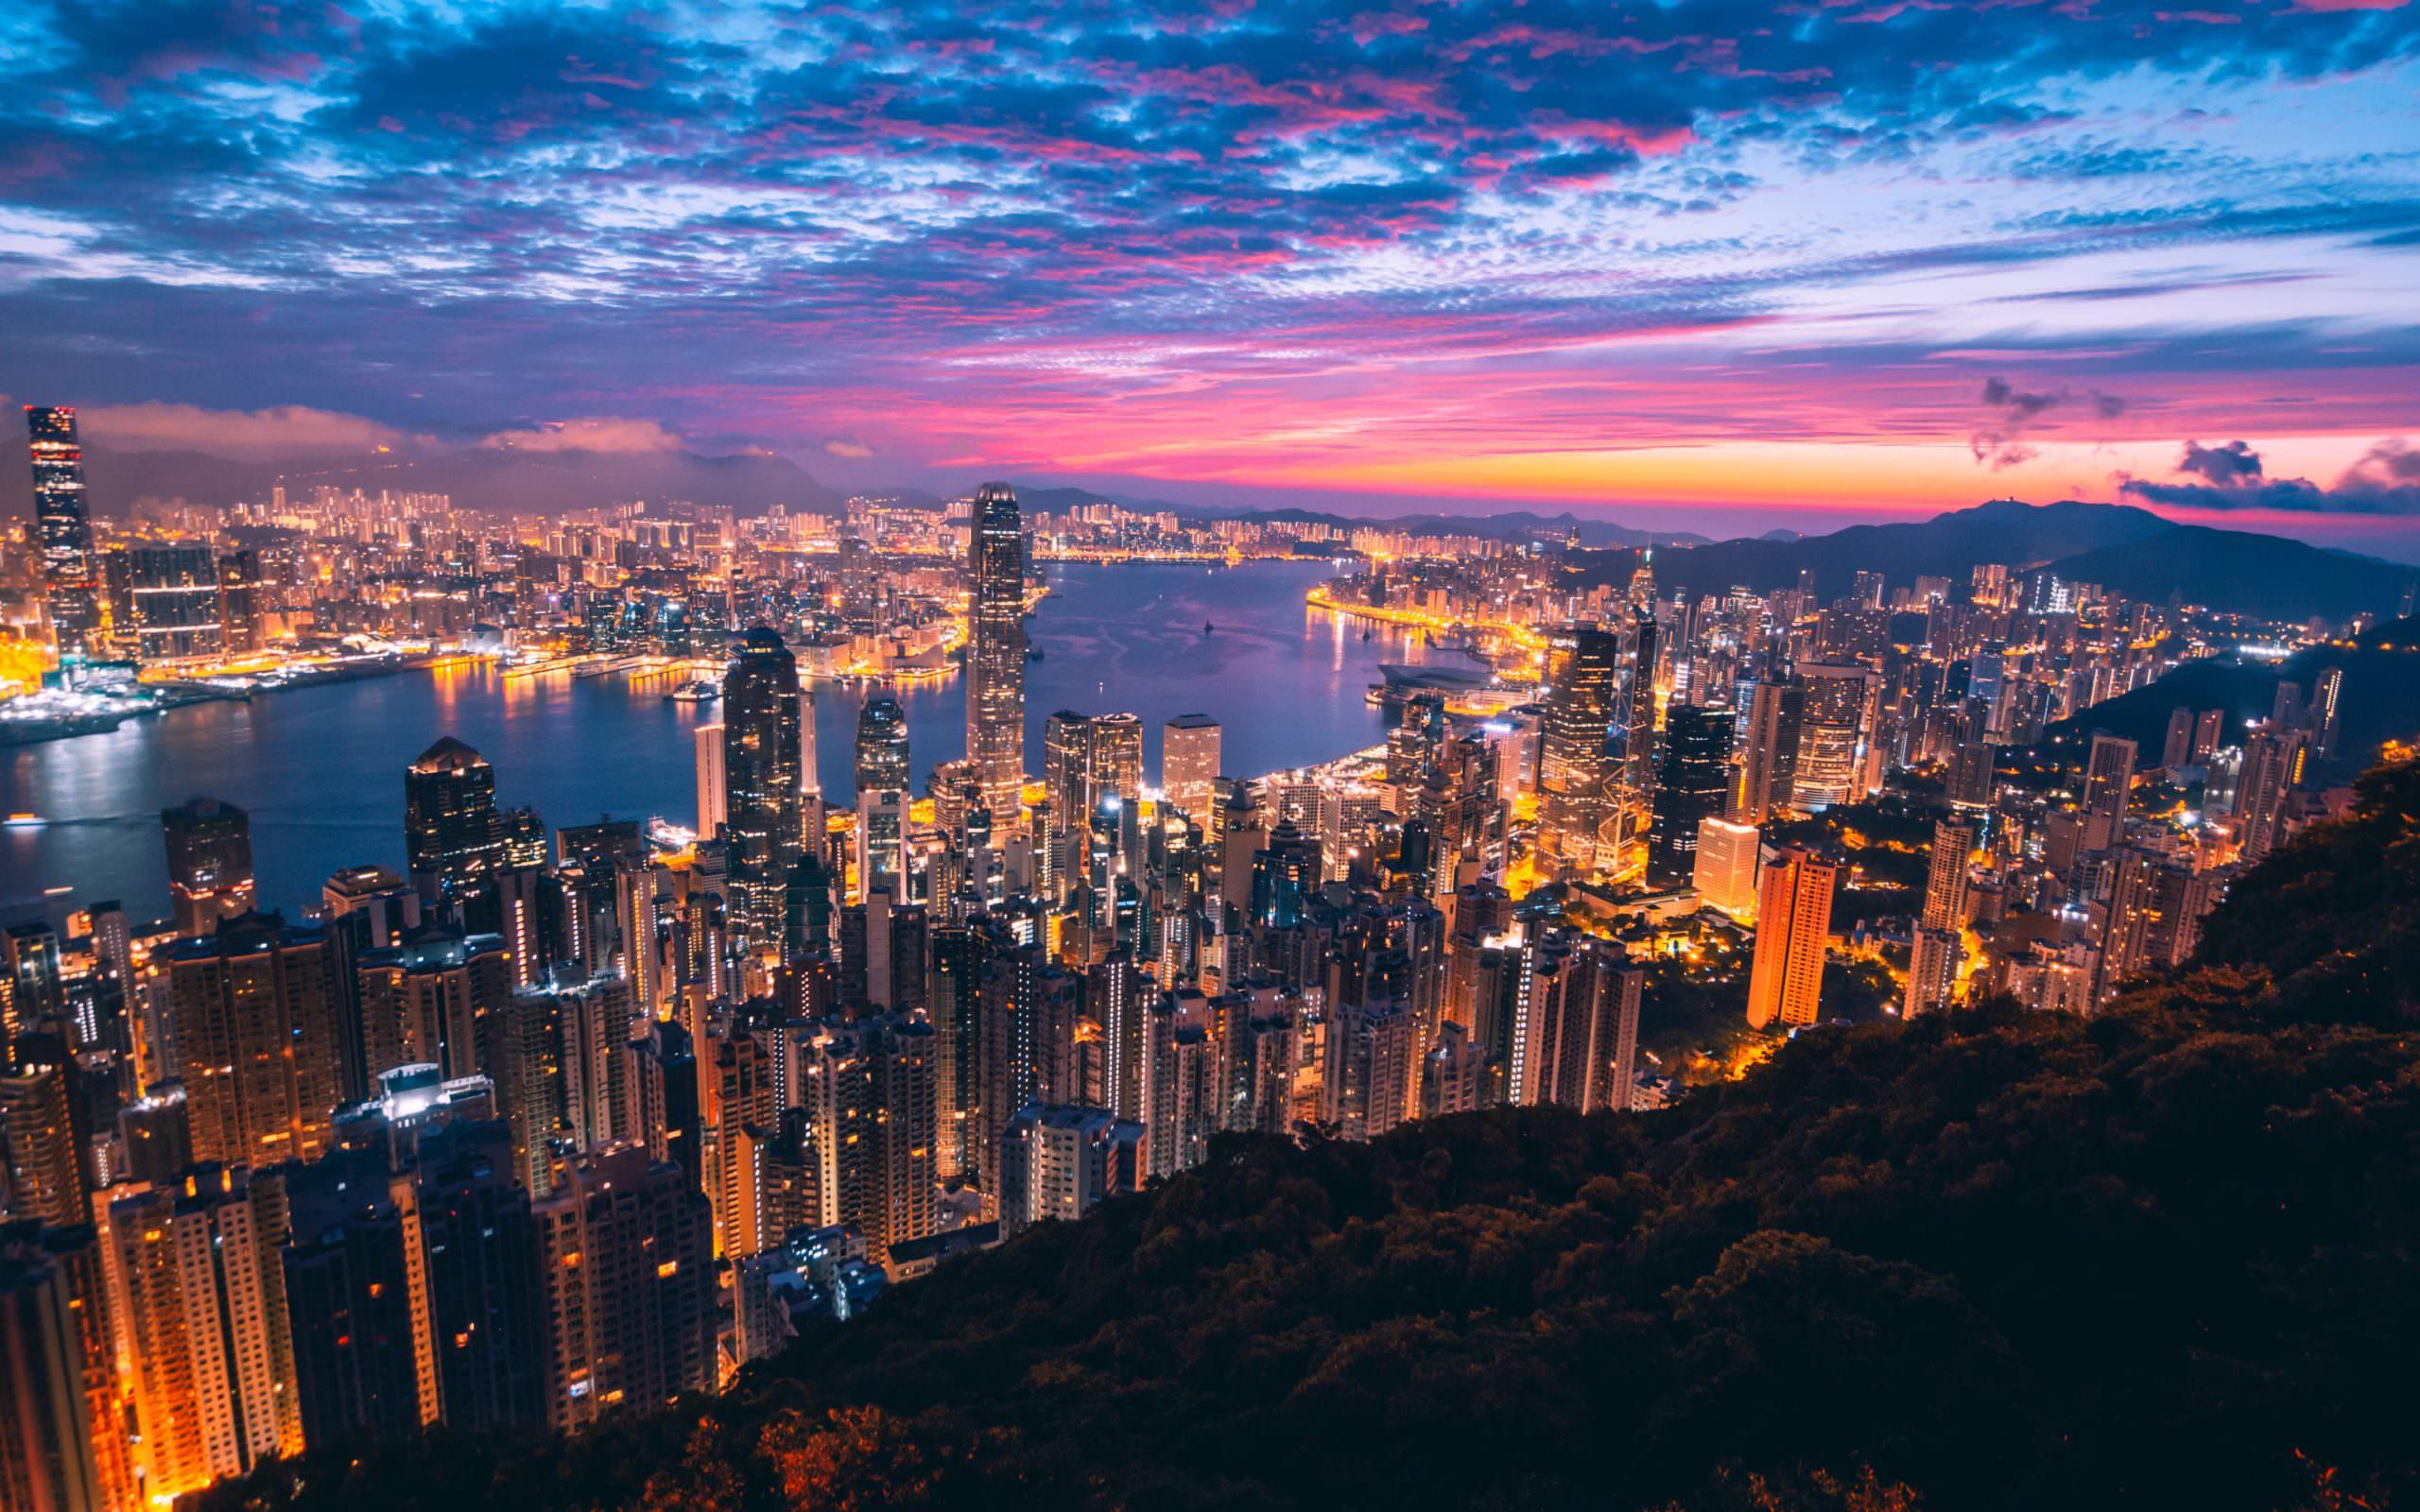 أجمل الأماكن السياحية في هونغ كونغ